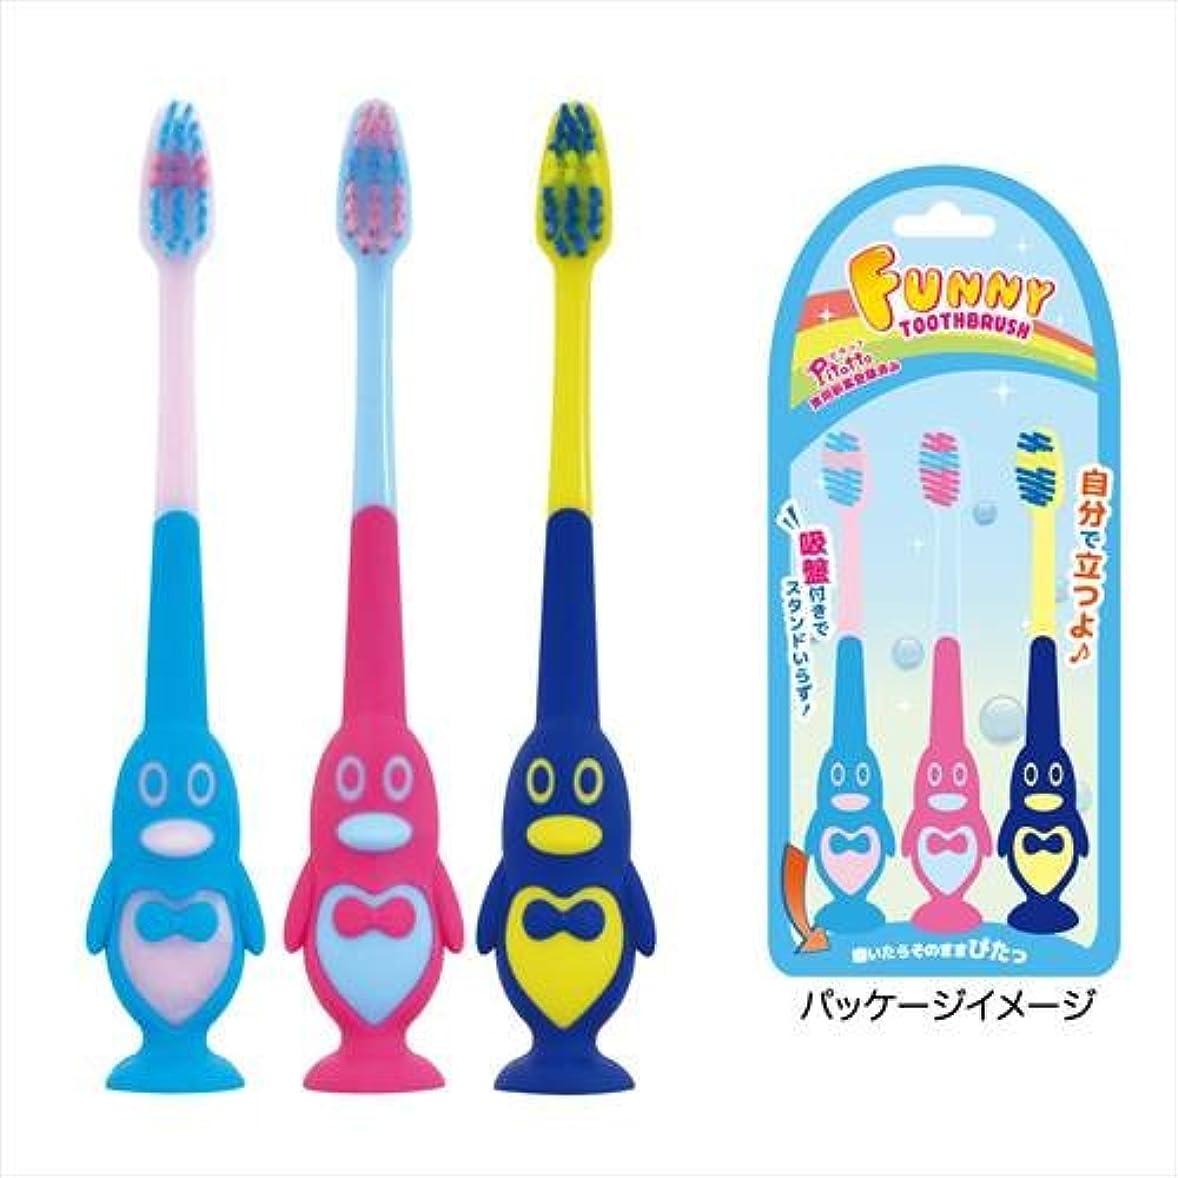 膜概要複製[歯ブラシ] 吸盤付き歯ブラシ 3本セット/ペンギン ユーカンパニー かわいい 洗面用具 グッズ 通販